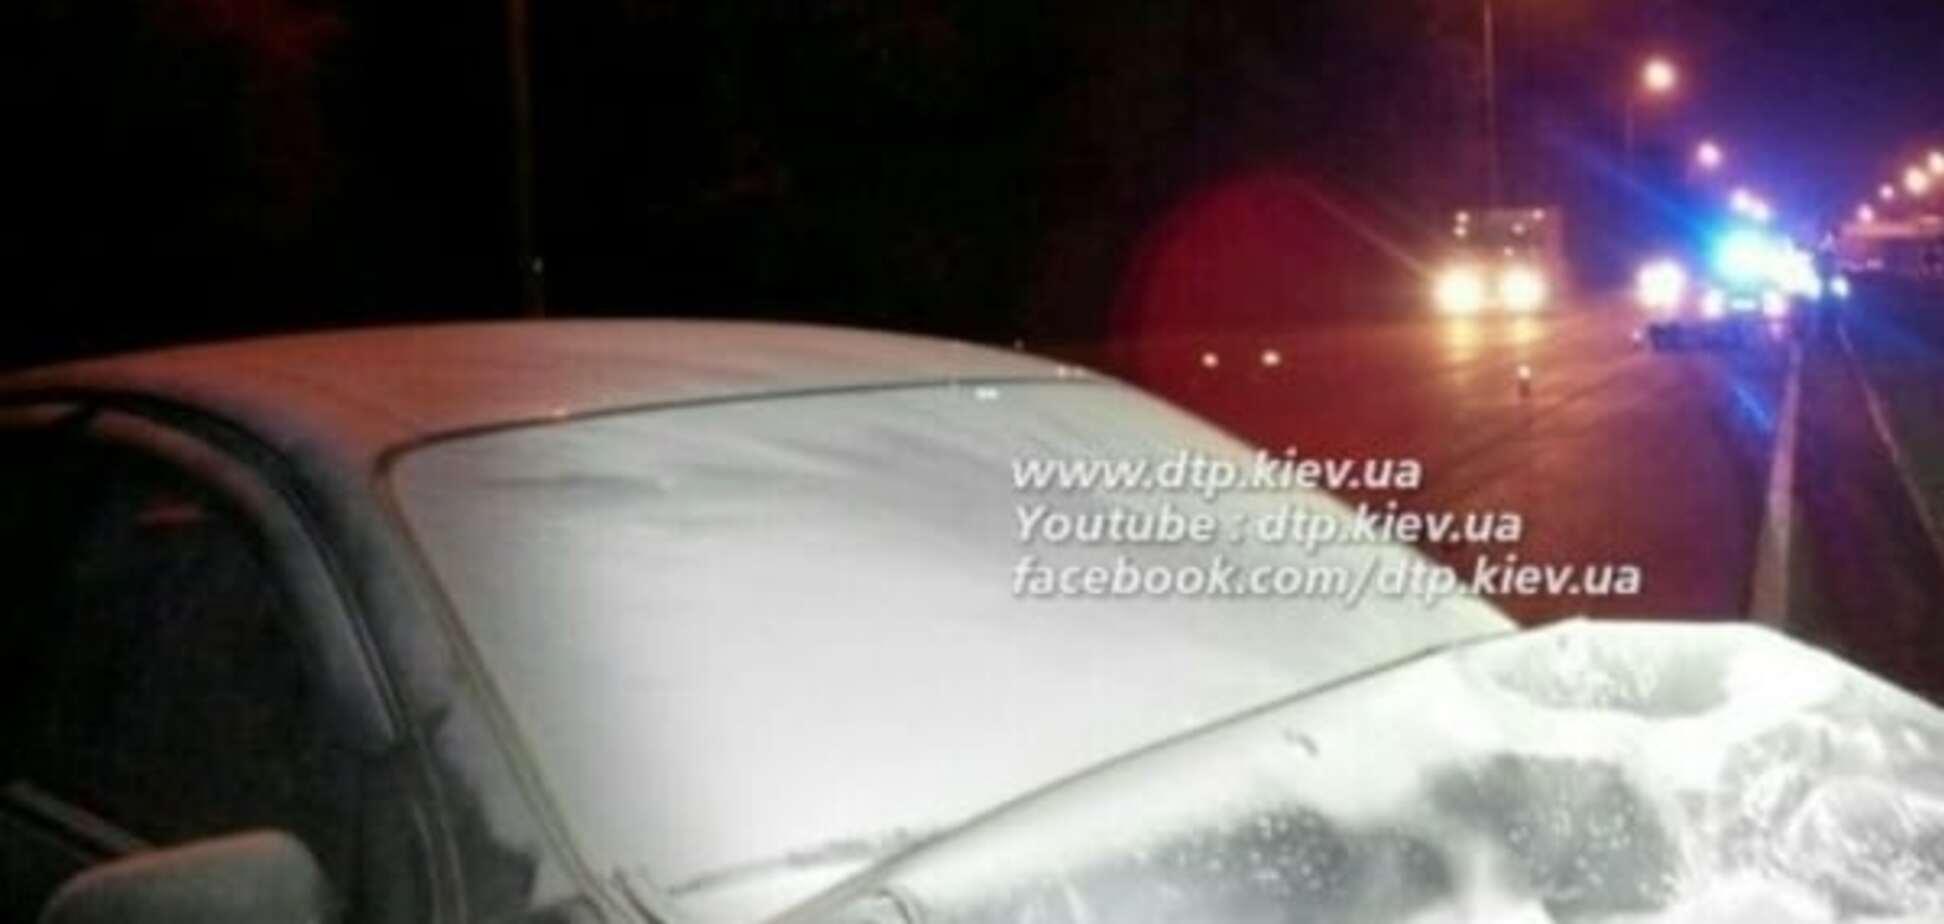 У Києві п'яний водій влаштував 'вогняне' ДТП: фото з місця аварії